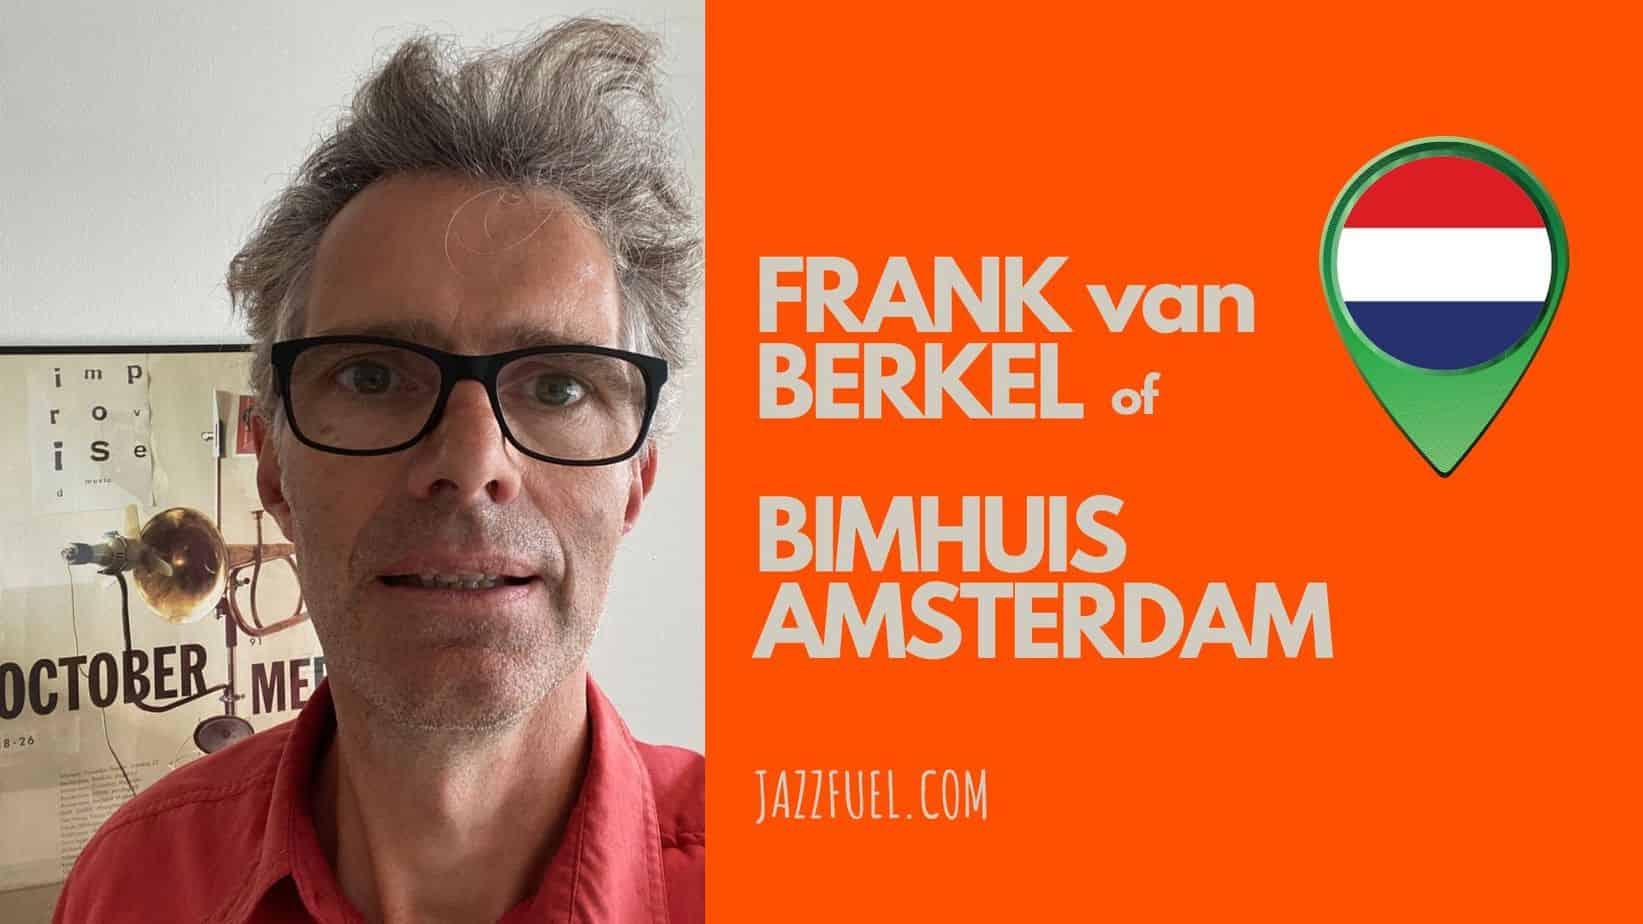 Interview with Frank van Berkel of Bimhuis Jazz Club